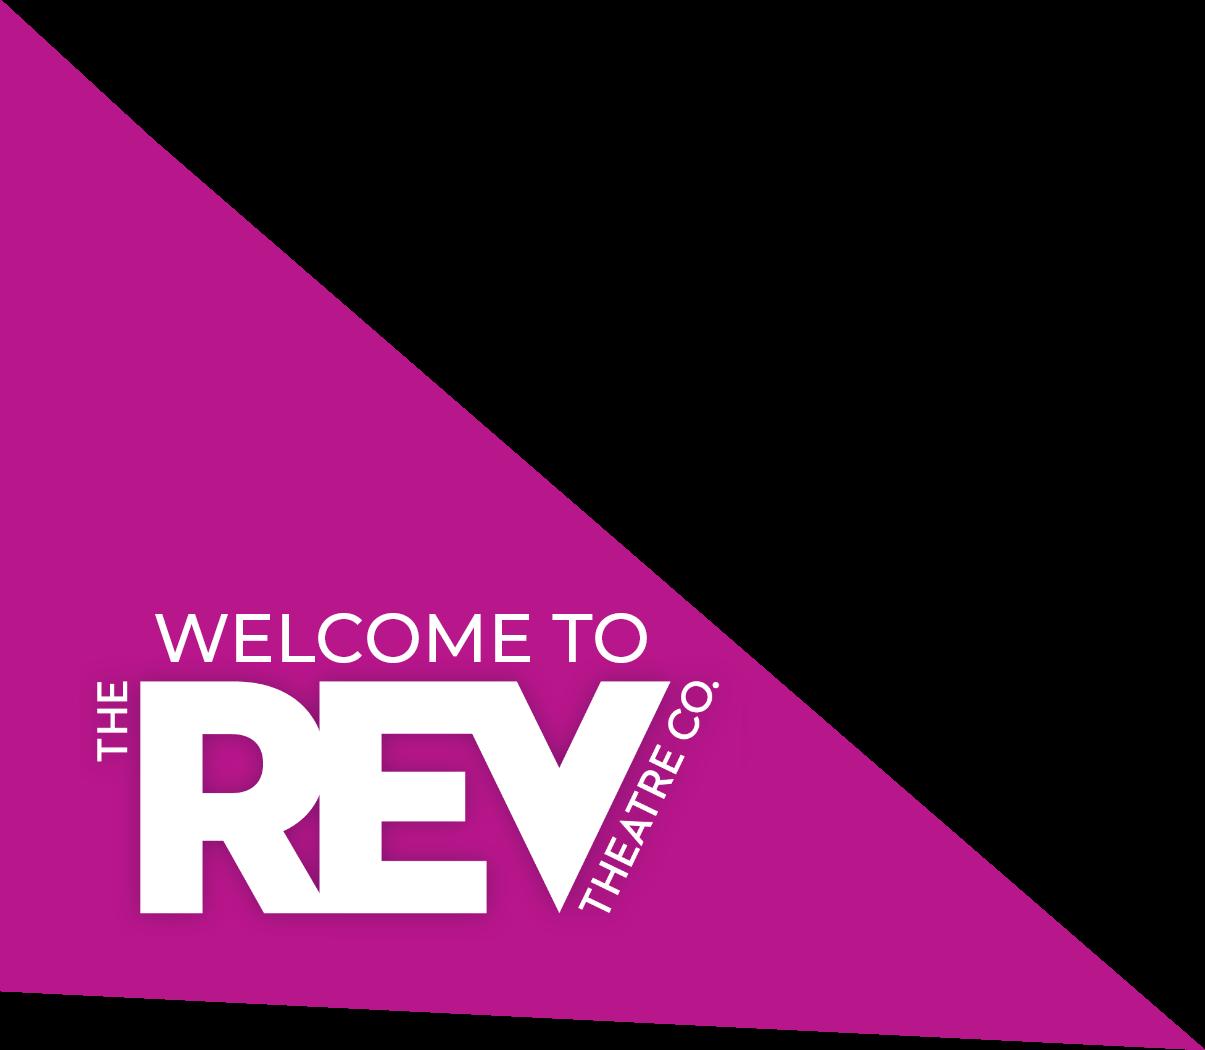 rev logo trianglen welcome to - Home